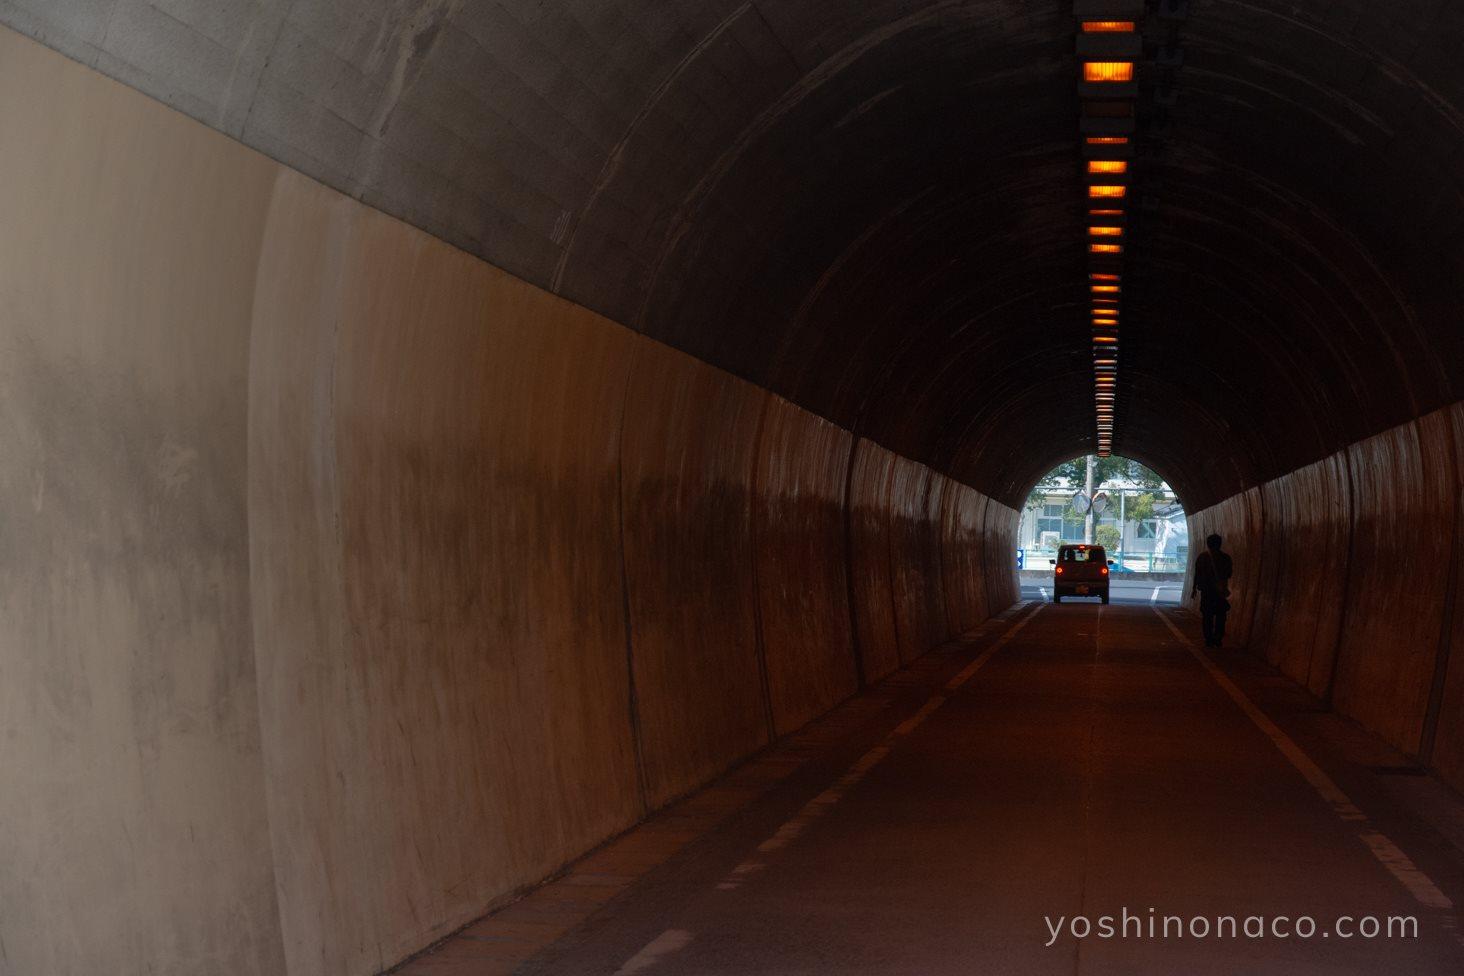 鶴形山のトンネル